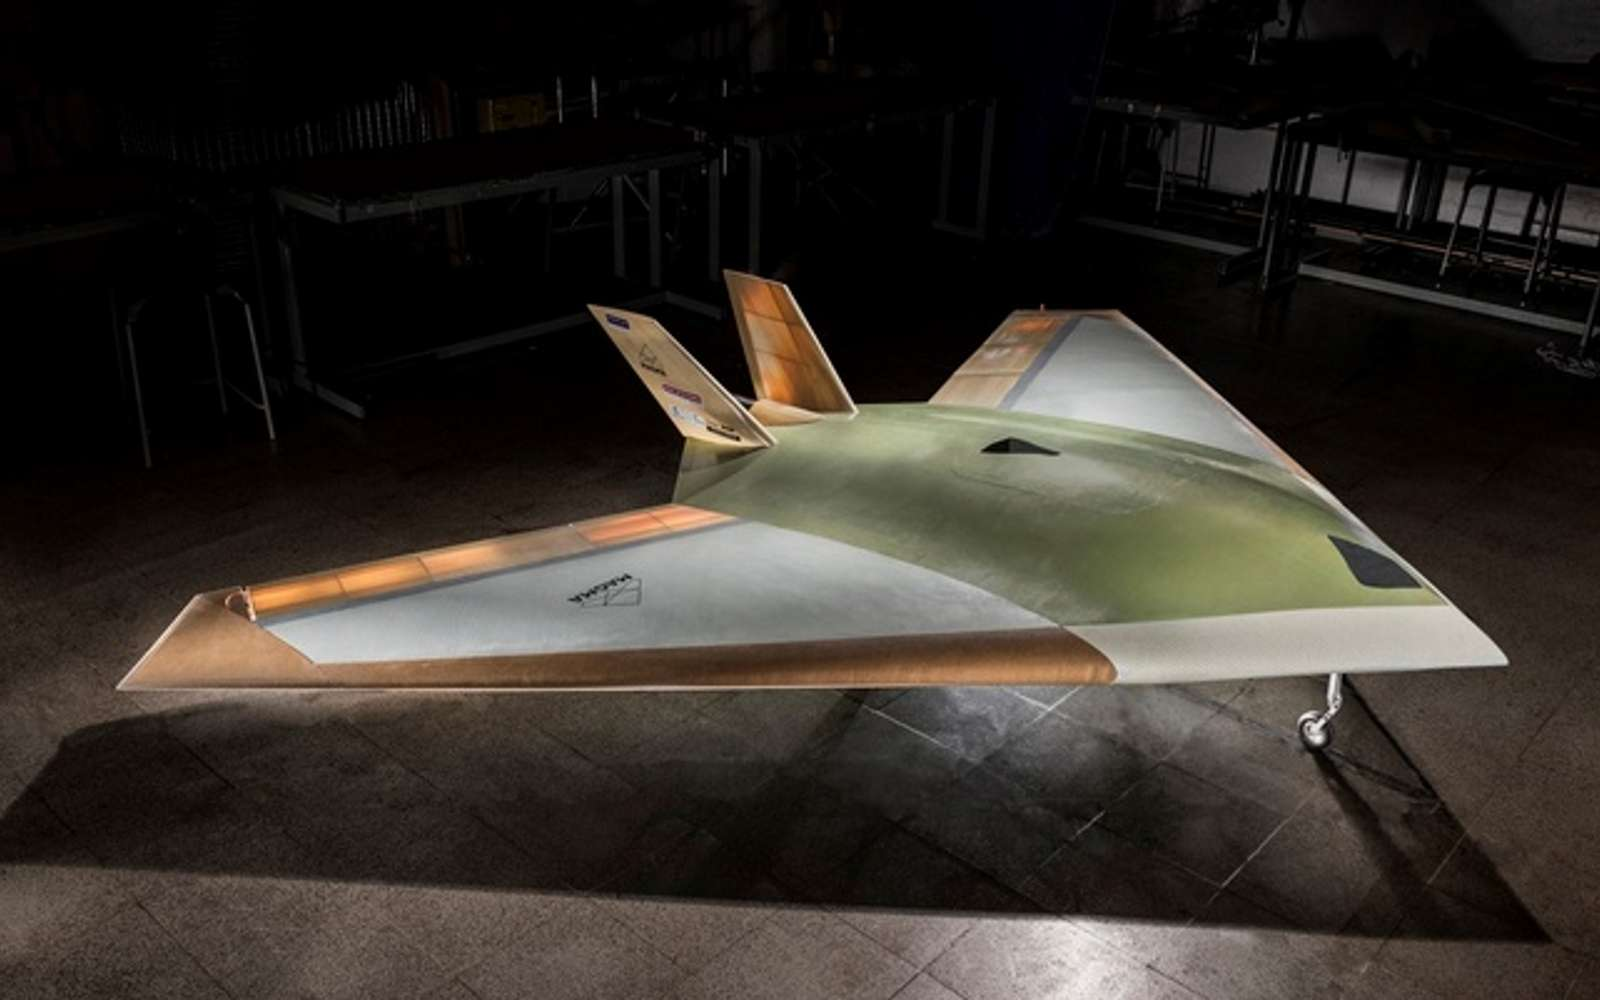 Plus furtif, plus léger et moins coûteux à produire qu'un avion classique, le Magma est totalement dénué de gouvernes de direction. Il se manœuvre grâce à des flux d'air. © BAE Systems